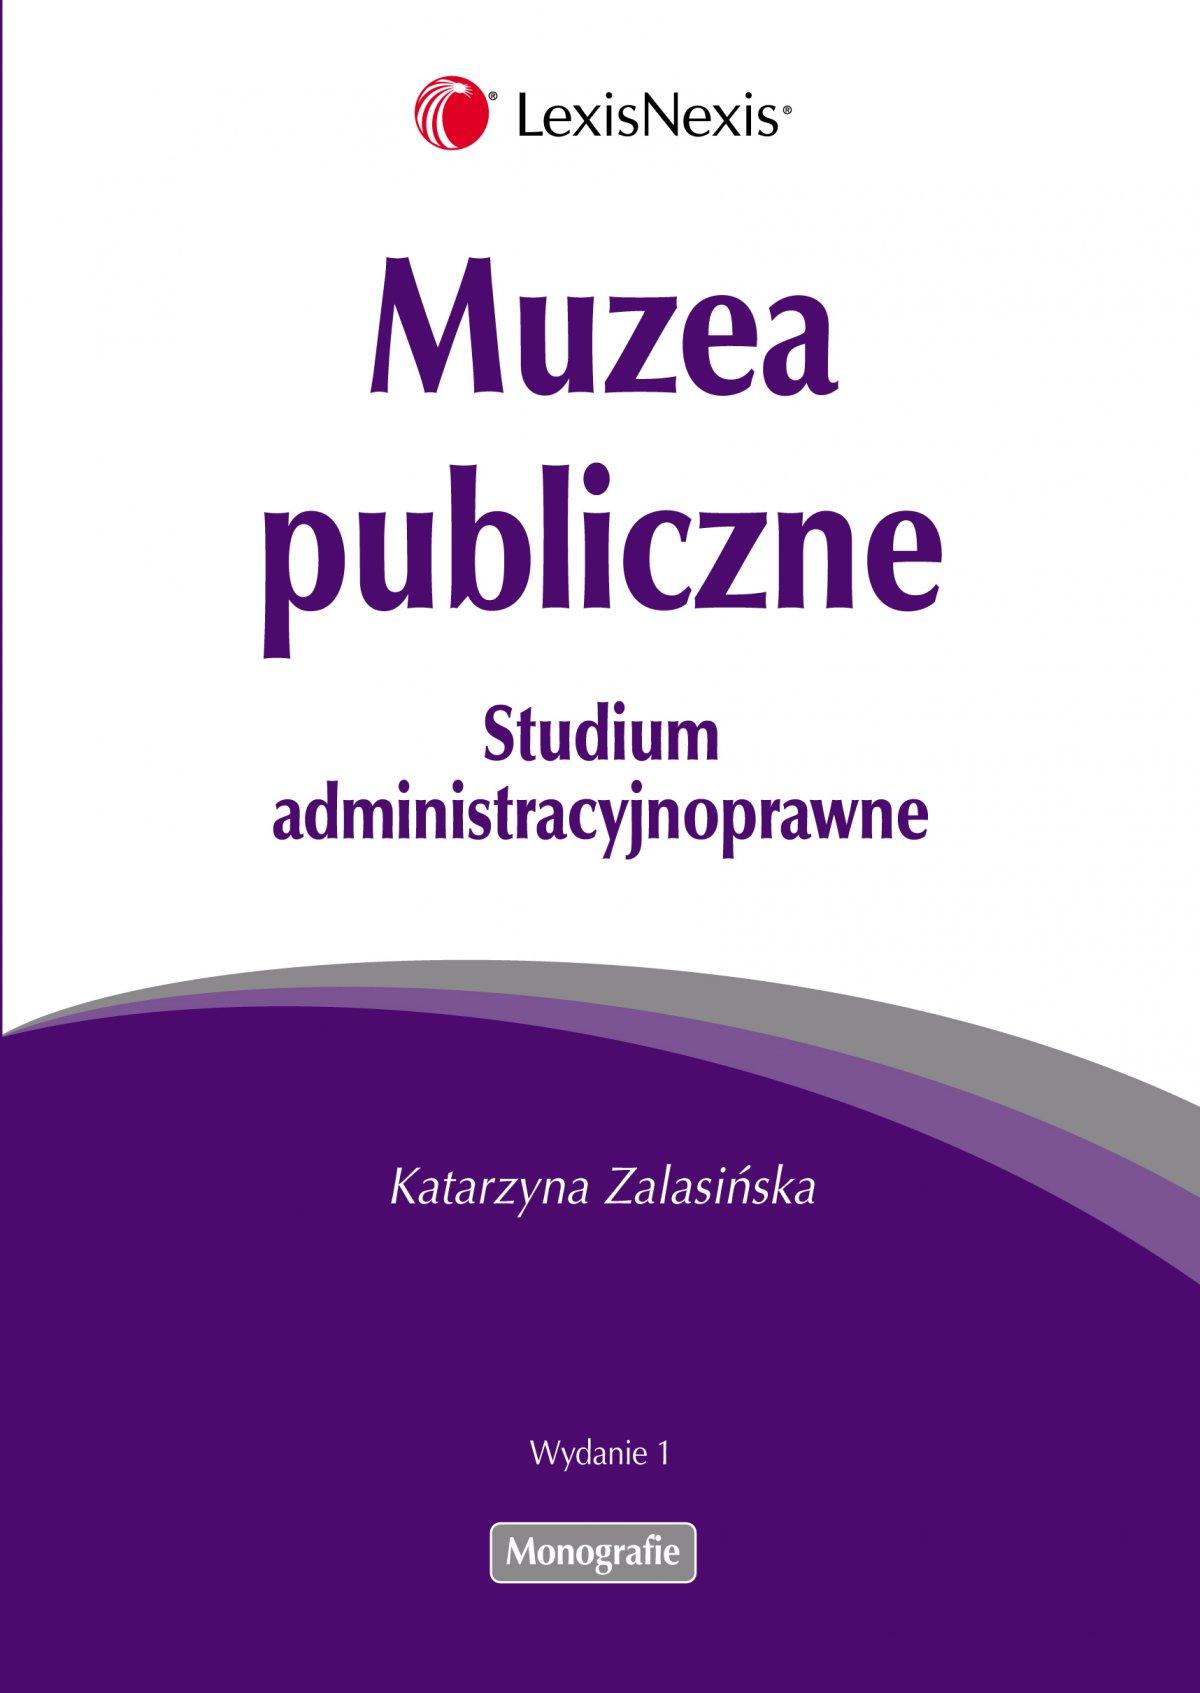 Muzea publiczne. Studium administracyjnoprawne - Ebook (Książka PDF) do pobrania w formacie PDF